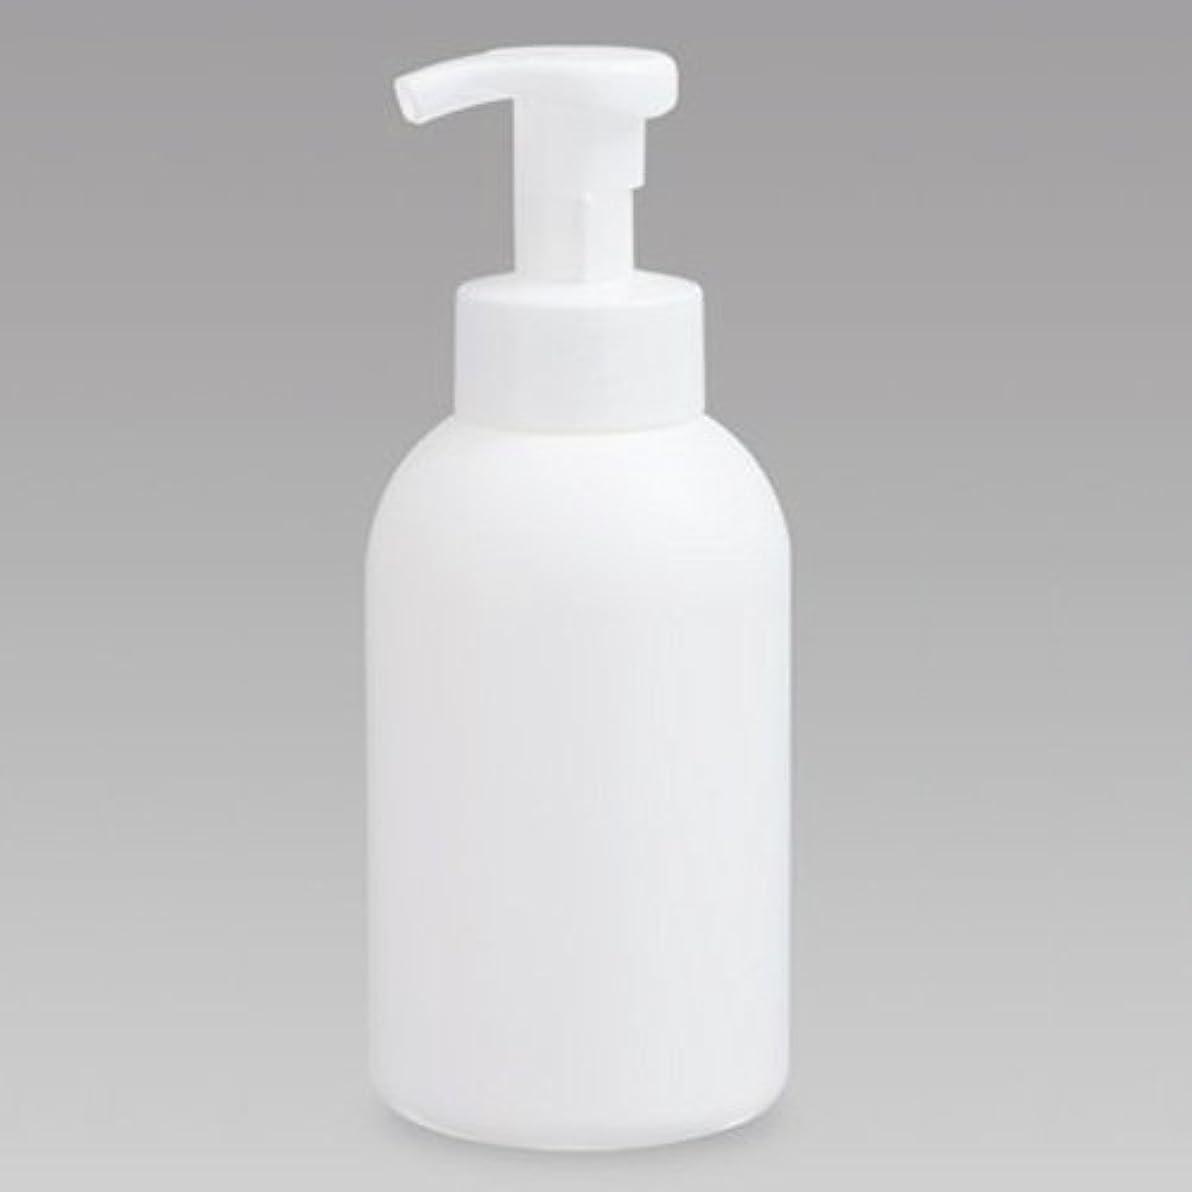 同性愛者リビジョンぬるい泡ボトル 泡ポンプボトル 500mL(PE) ホワイト 詰め替え 詰替 泡ハンドソープ 全身石鹸 ボディソープ 洗顔フォーム